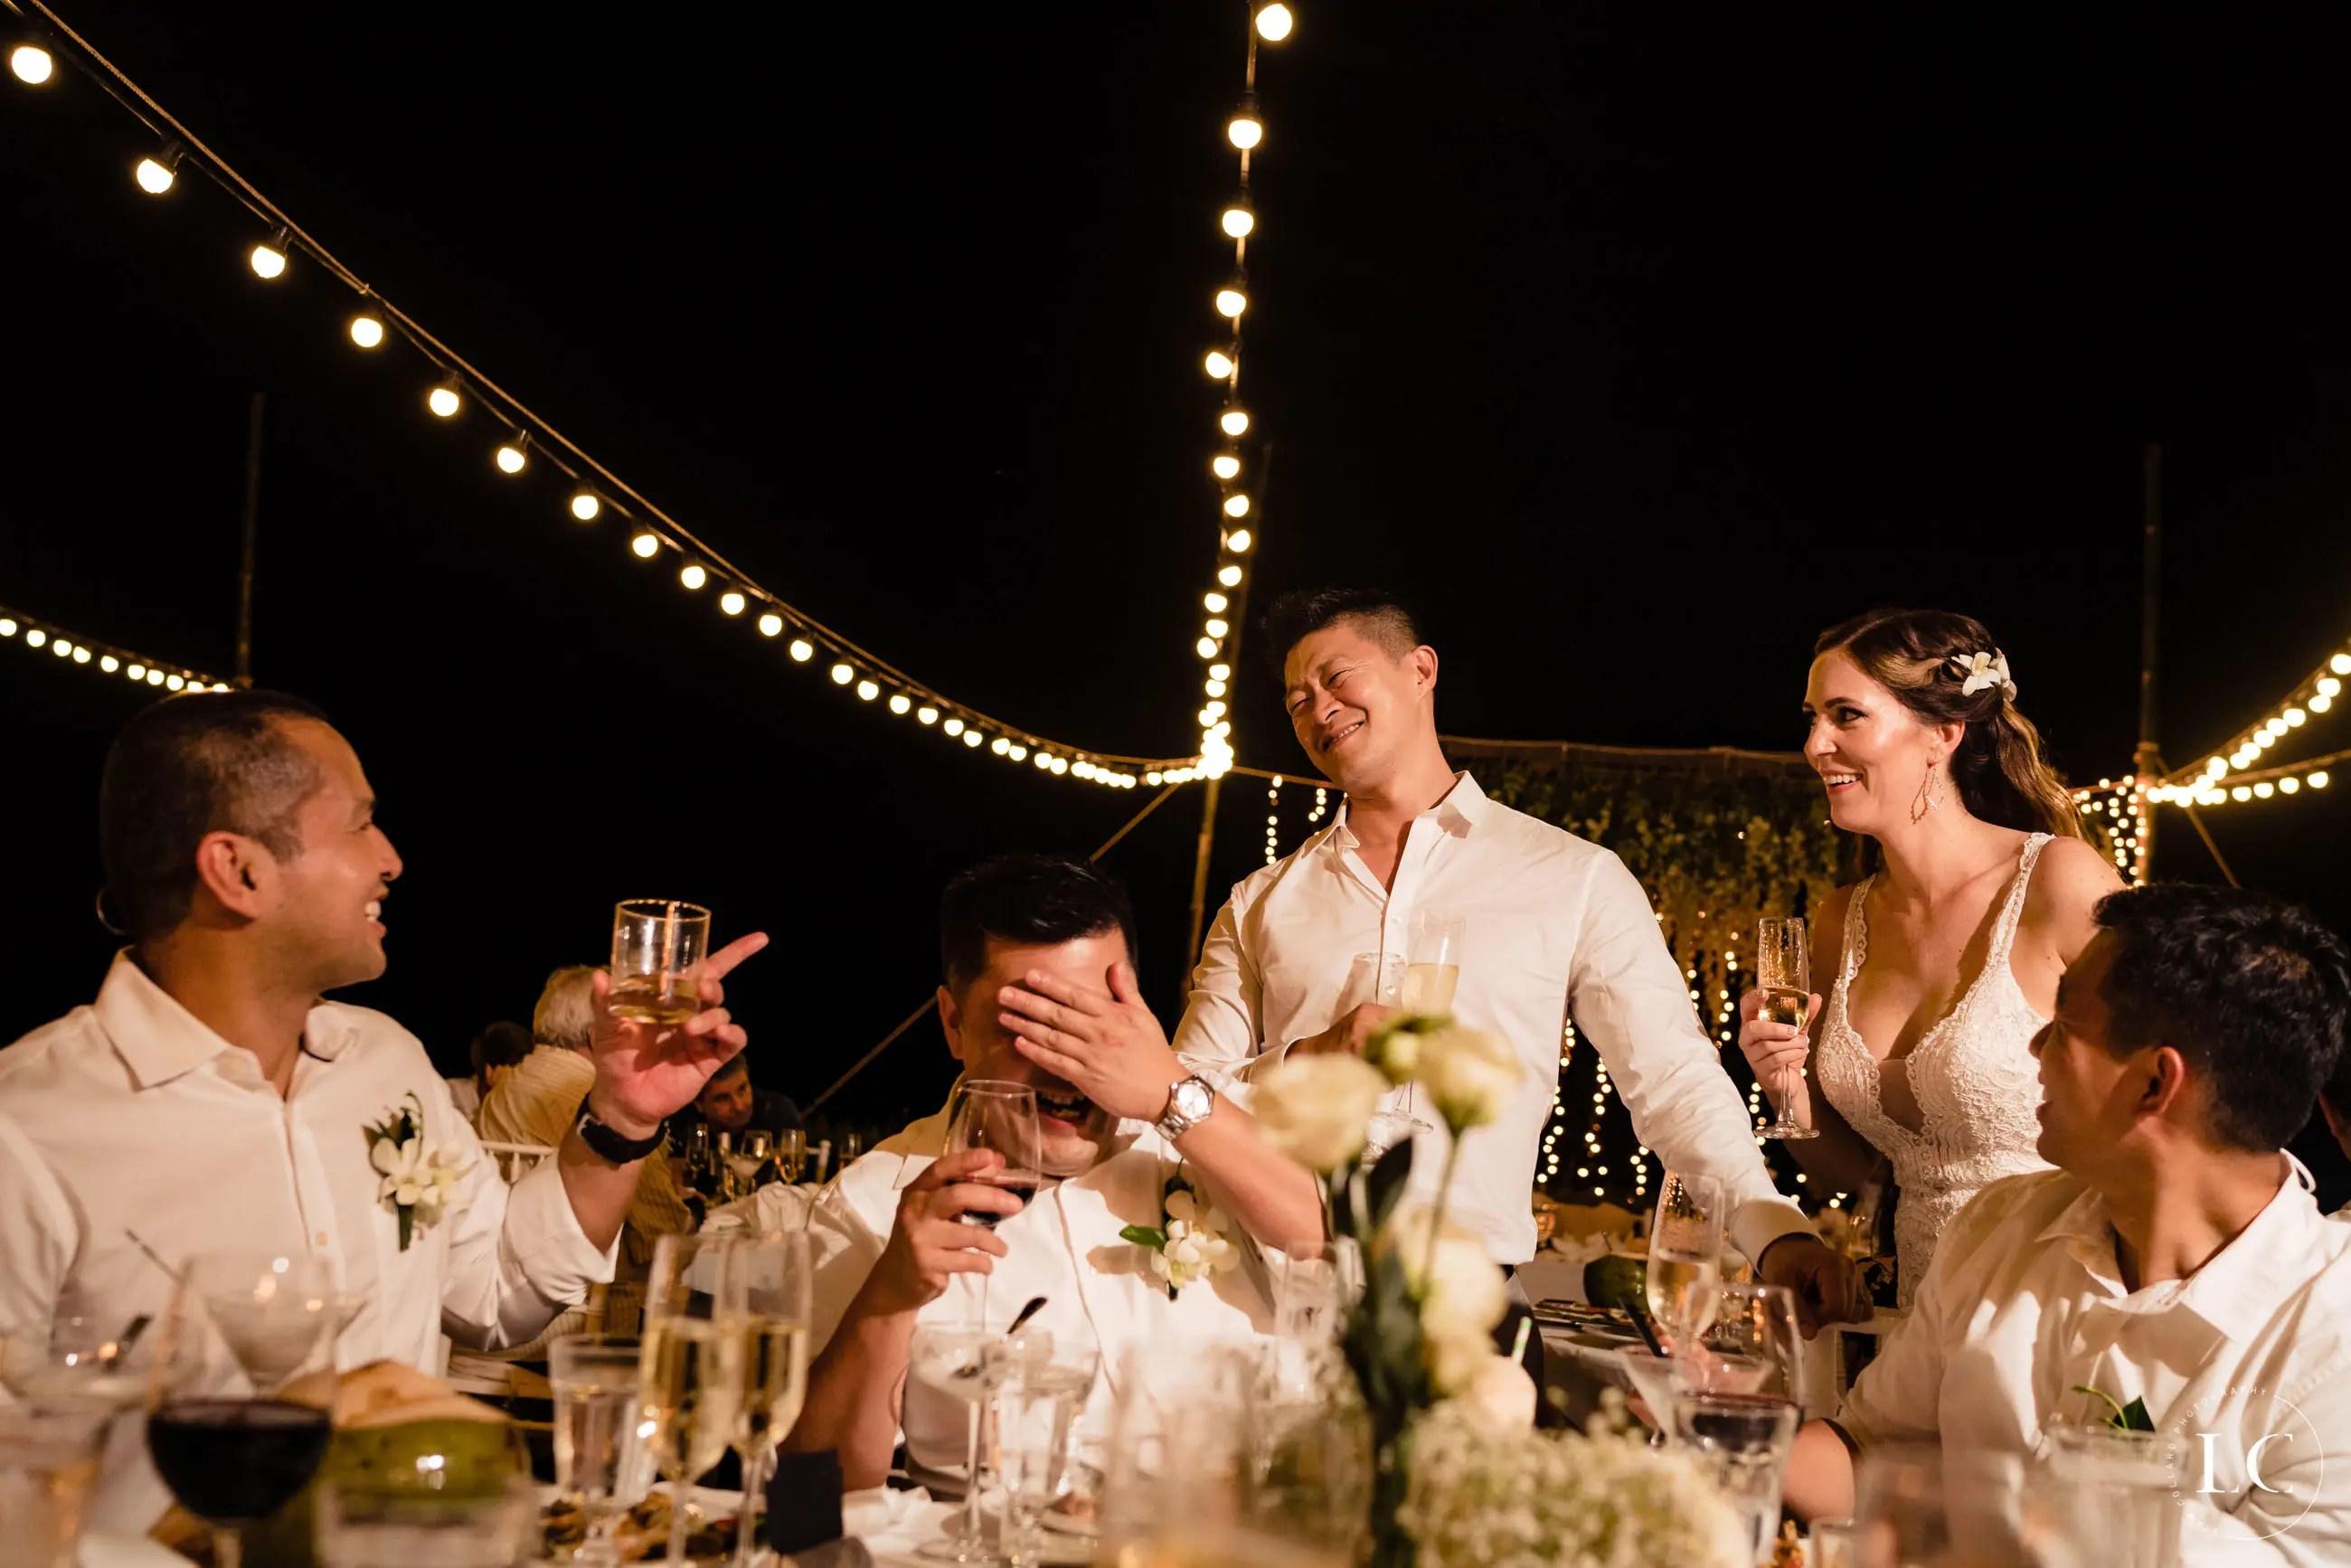 groomsmen doing a toast